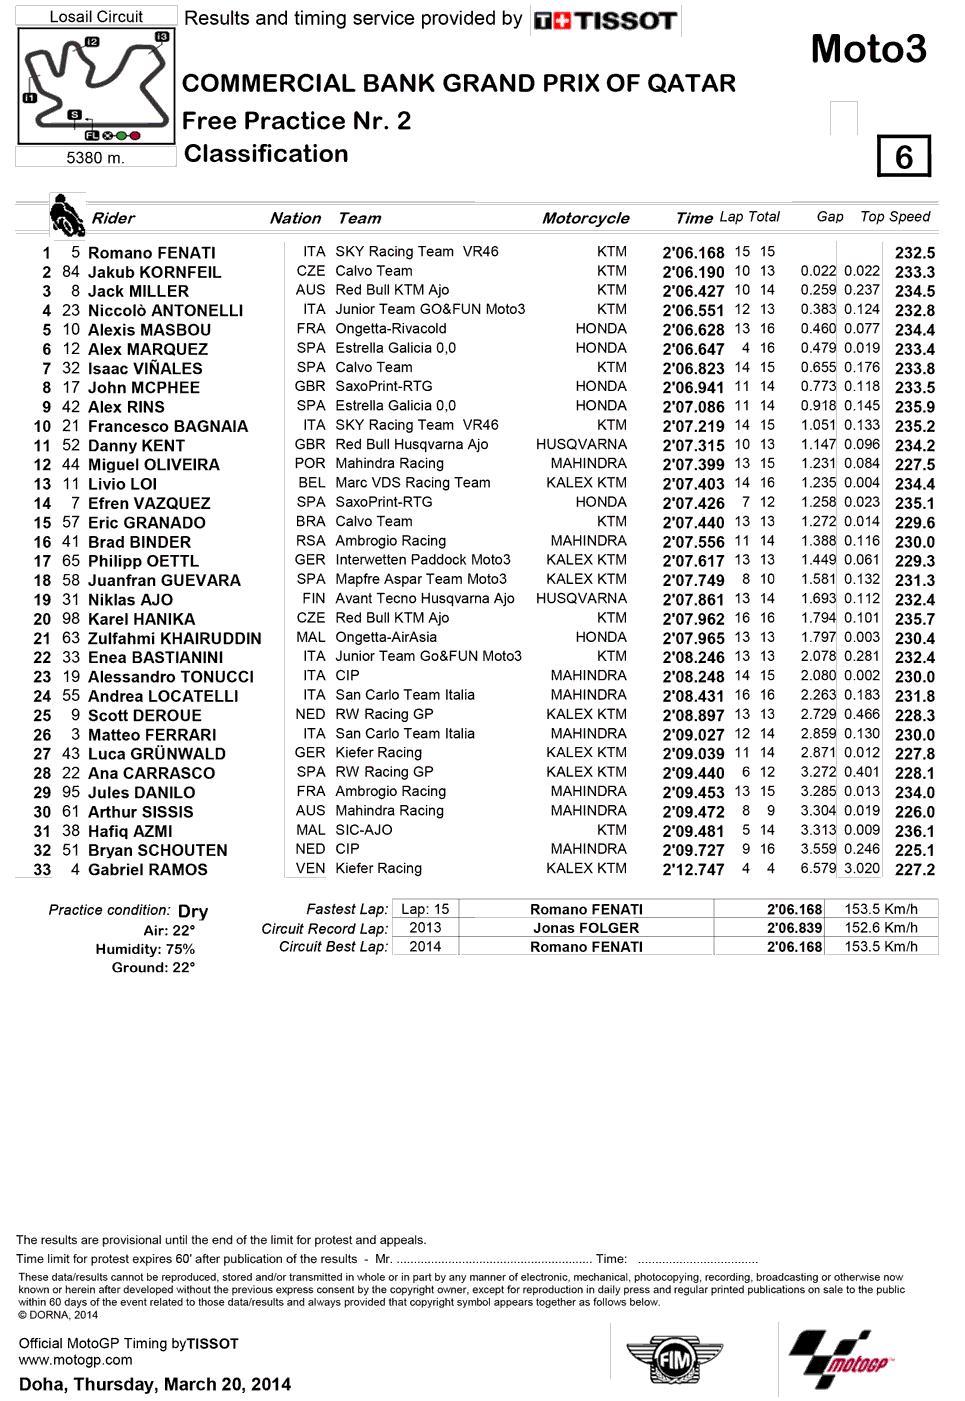 Результаты второй практики Moto3 Гран-При Катара 2014